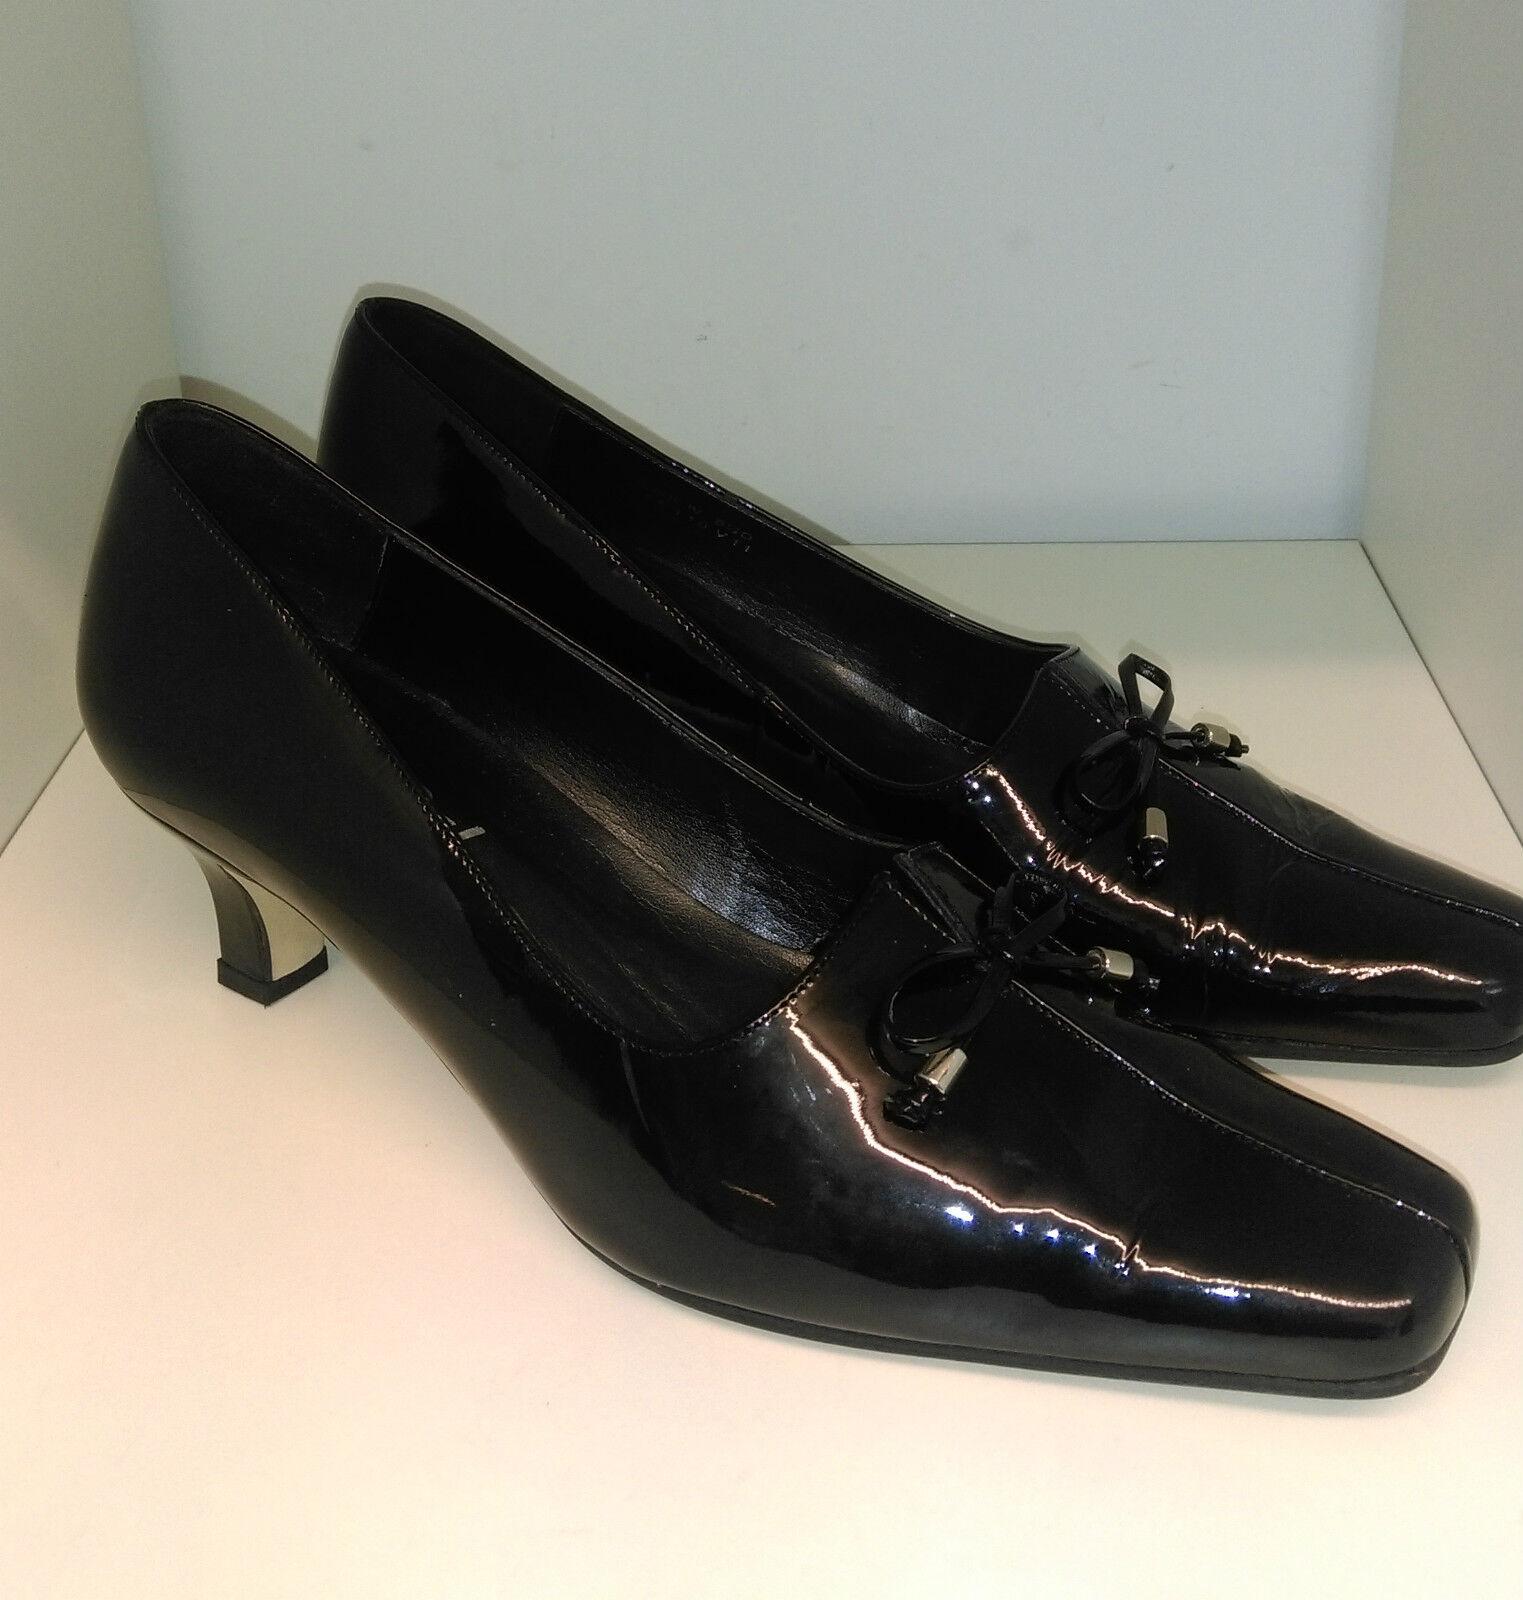 Van Dal Black Patent Leather Court Shoes Size 6.5D - Sukie IV